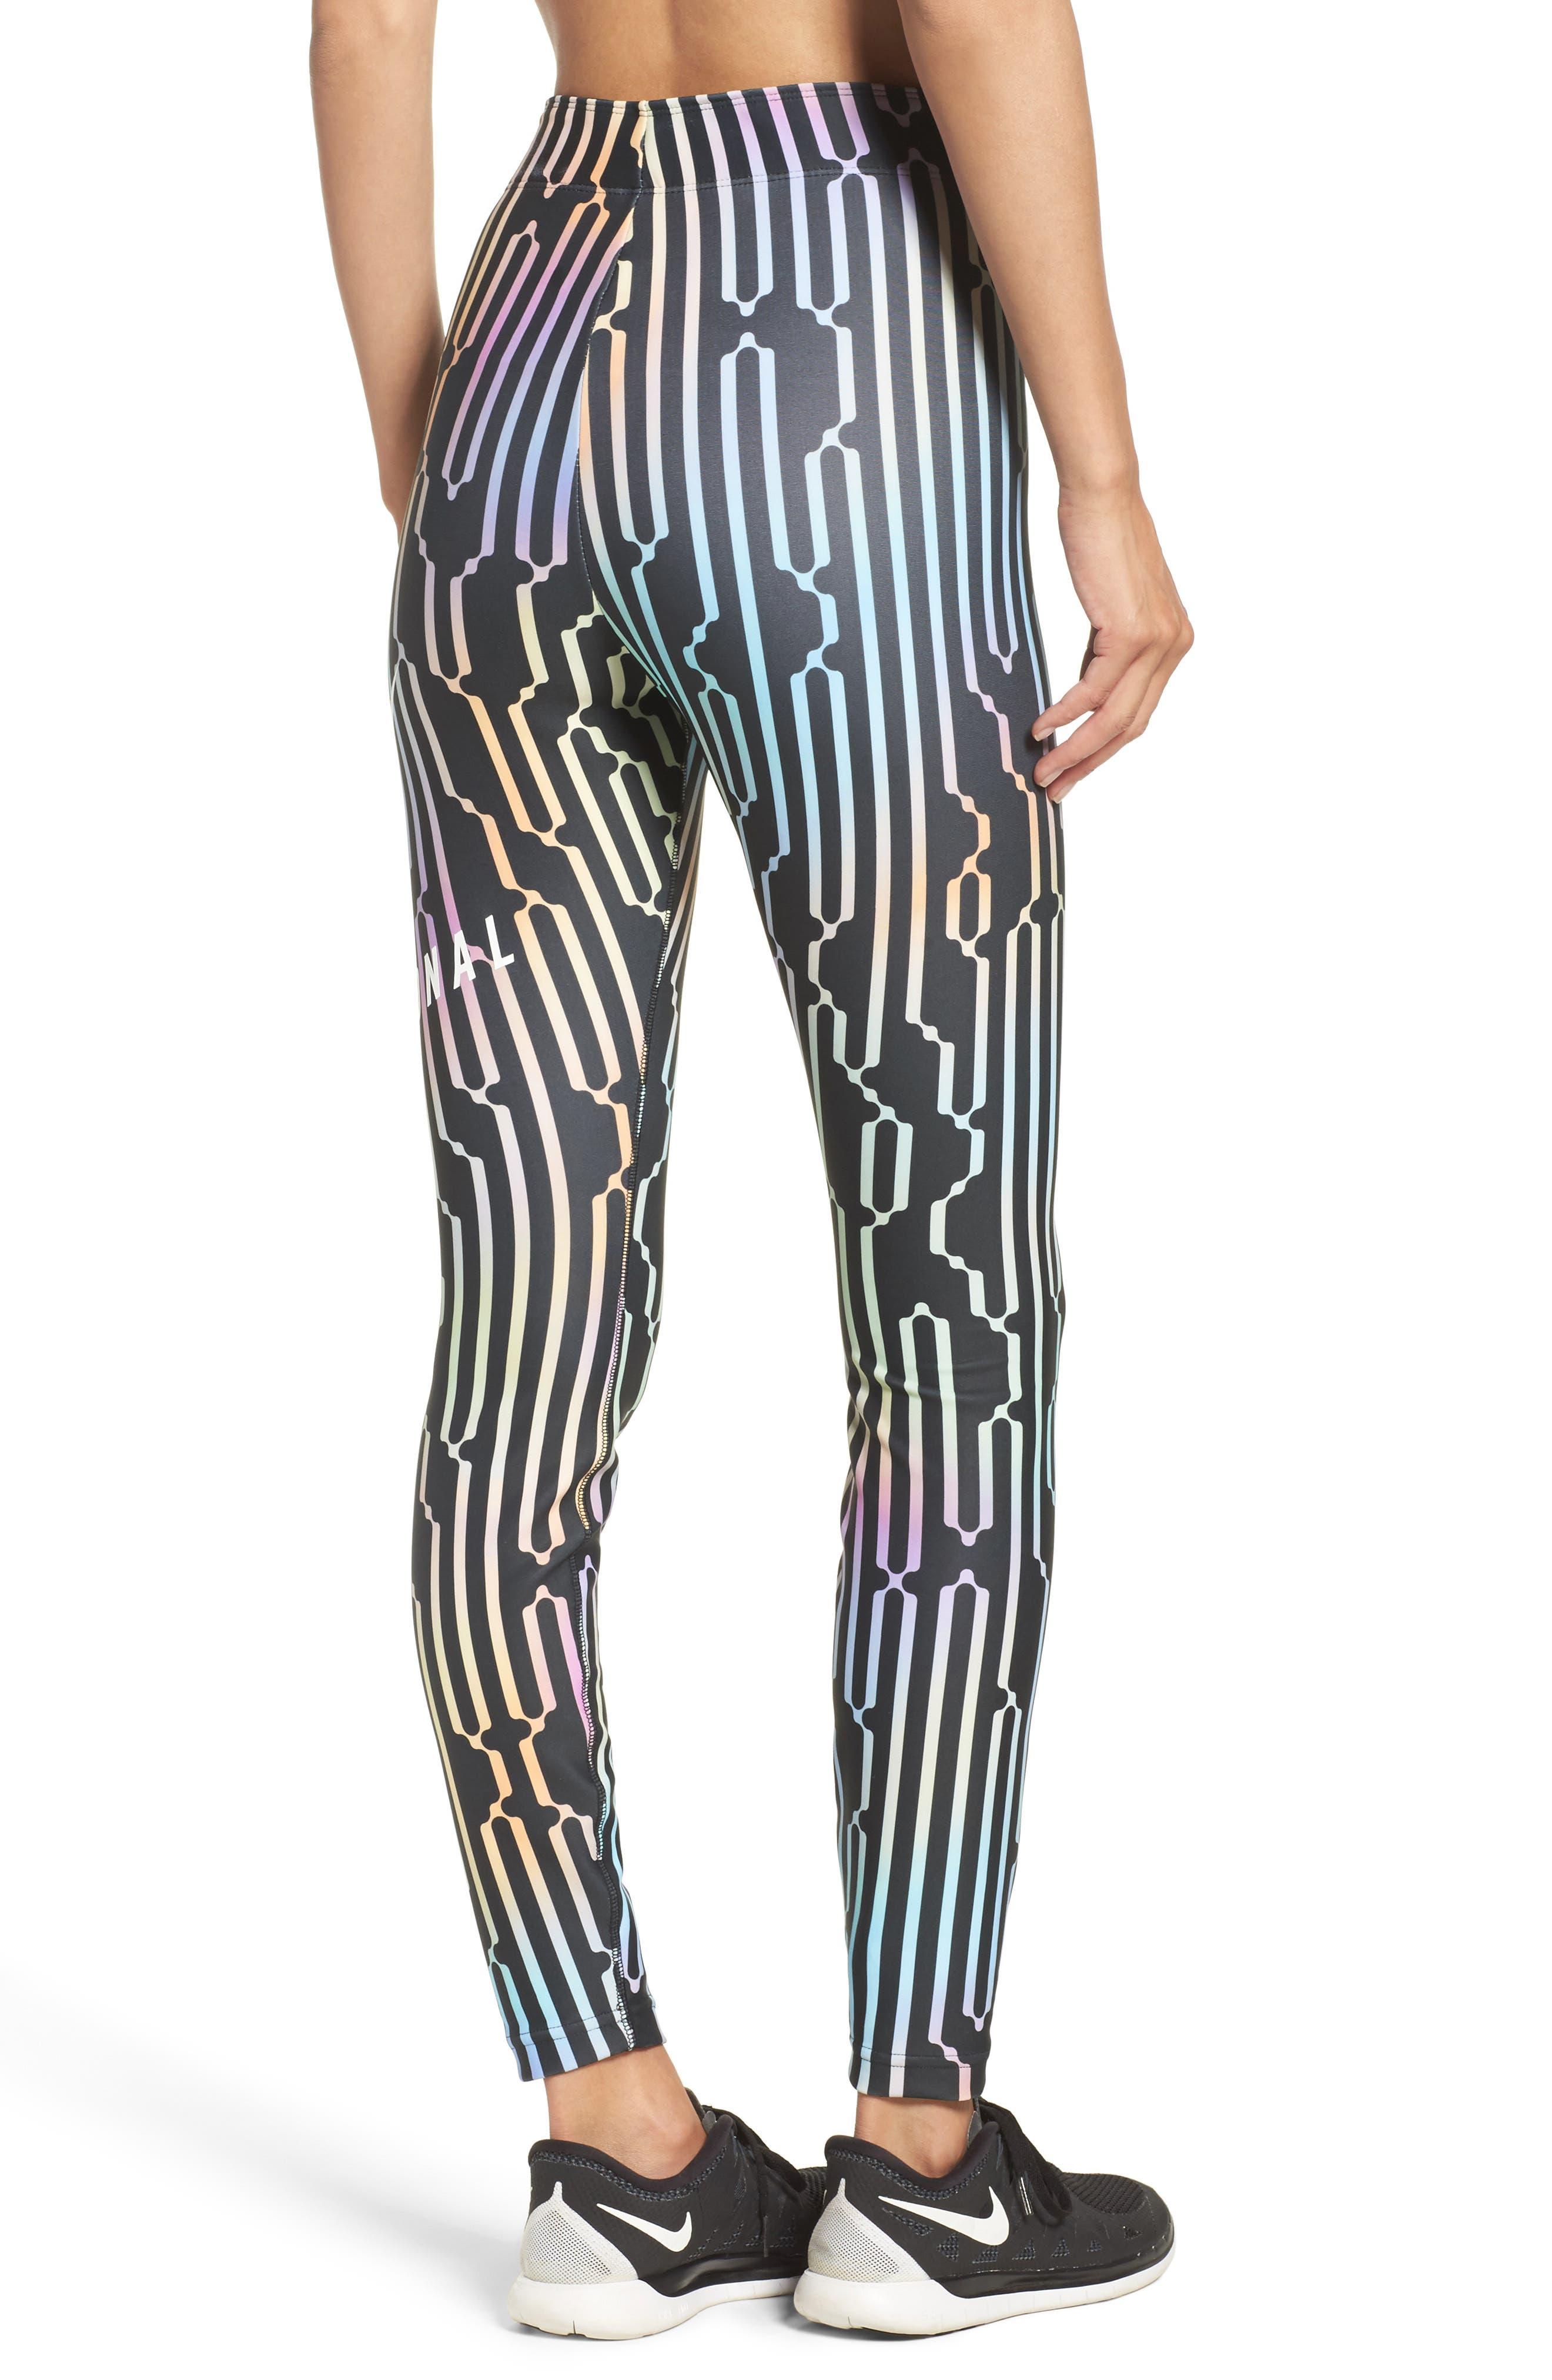 International Leggings,                             Alternate thumbnail 2, color,                             Black/ White